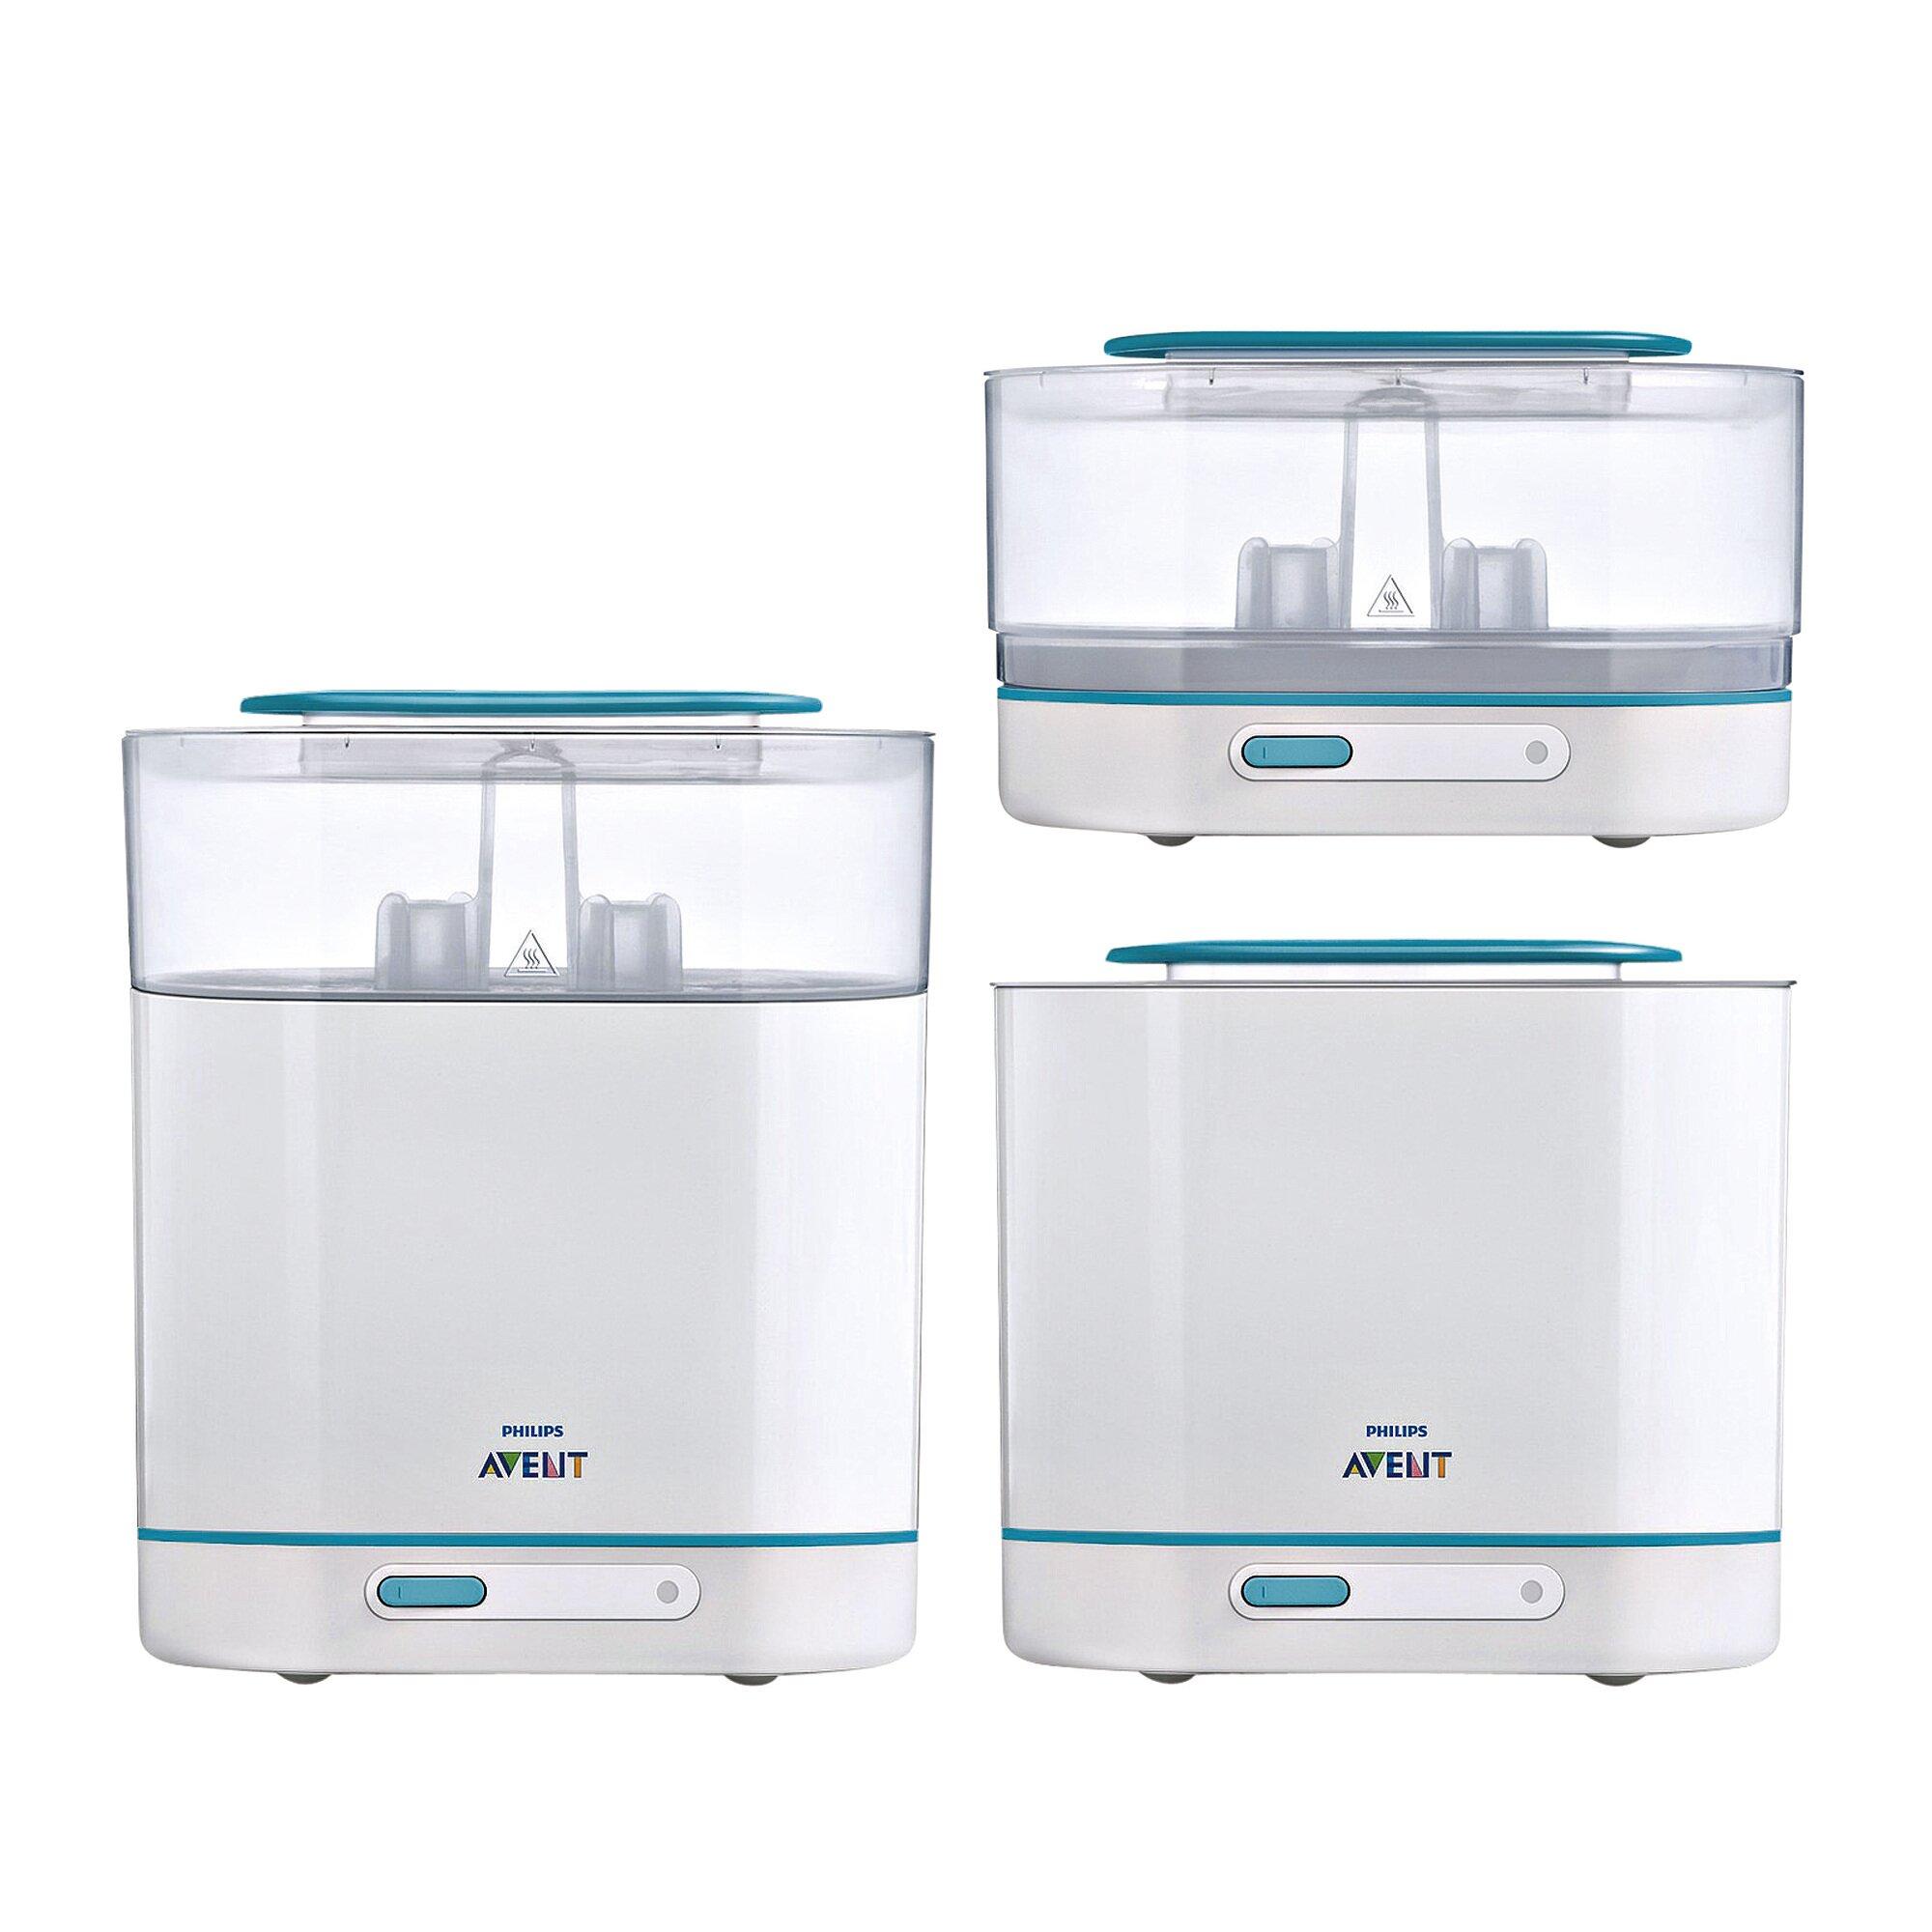 philips-avent-3tlg-sterilisator-set-scf285-02